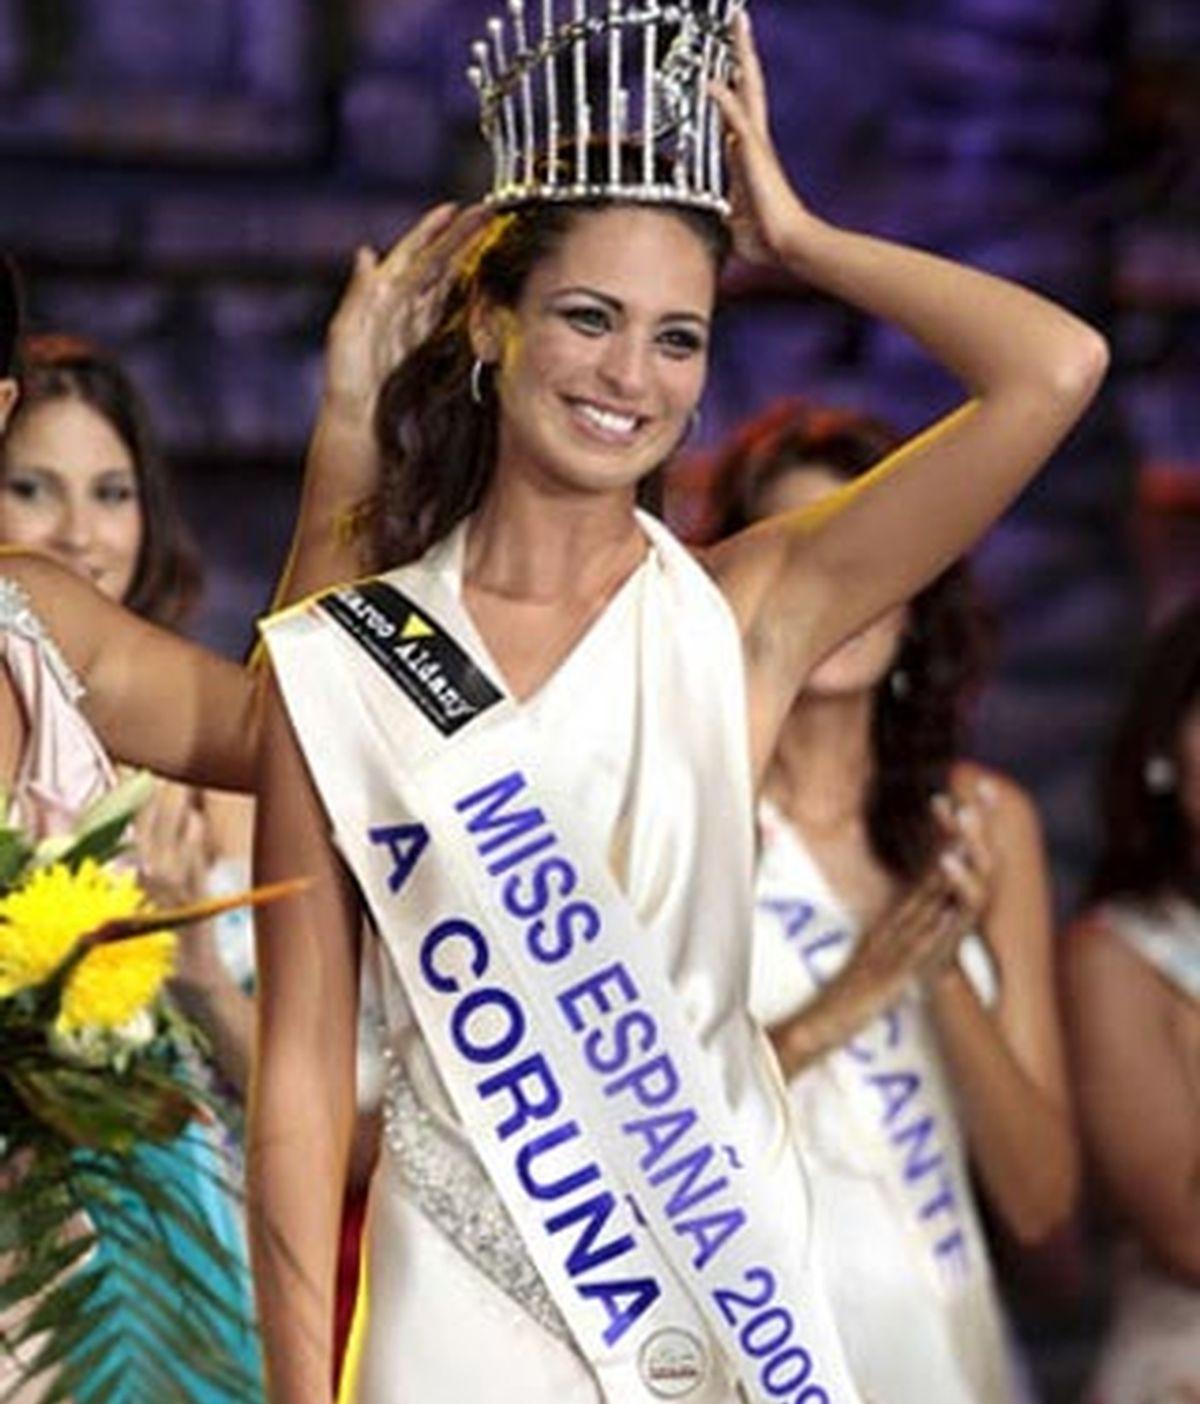 La coruñesa Estíbaliz Pereira fue elegida la española más guapa en 2009. Foto: EFE